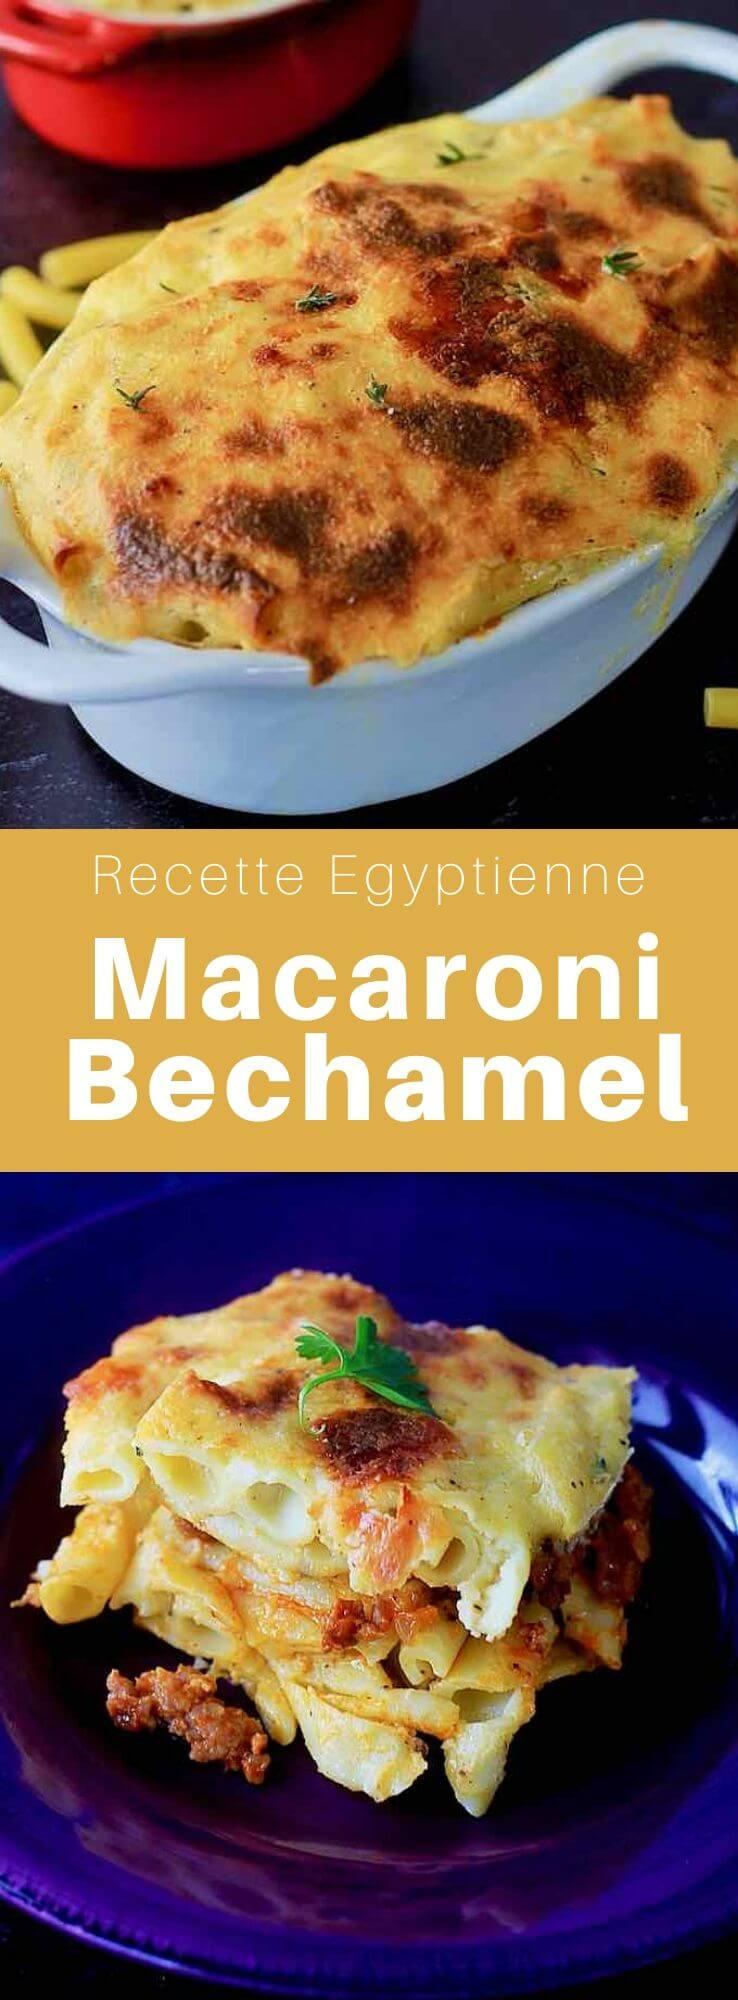 Le macaroni béchamel est un plat populaire égyptien composé de viande de bœuf épicée entre de couches de penne à la béchamel. #Egypte #RecetteEgyptienne #CuisineEgyptienne #CuisineDuMonde #196flavors